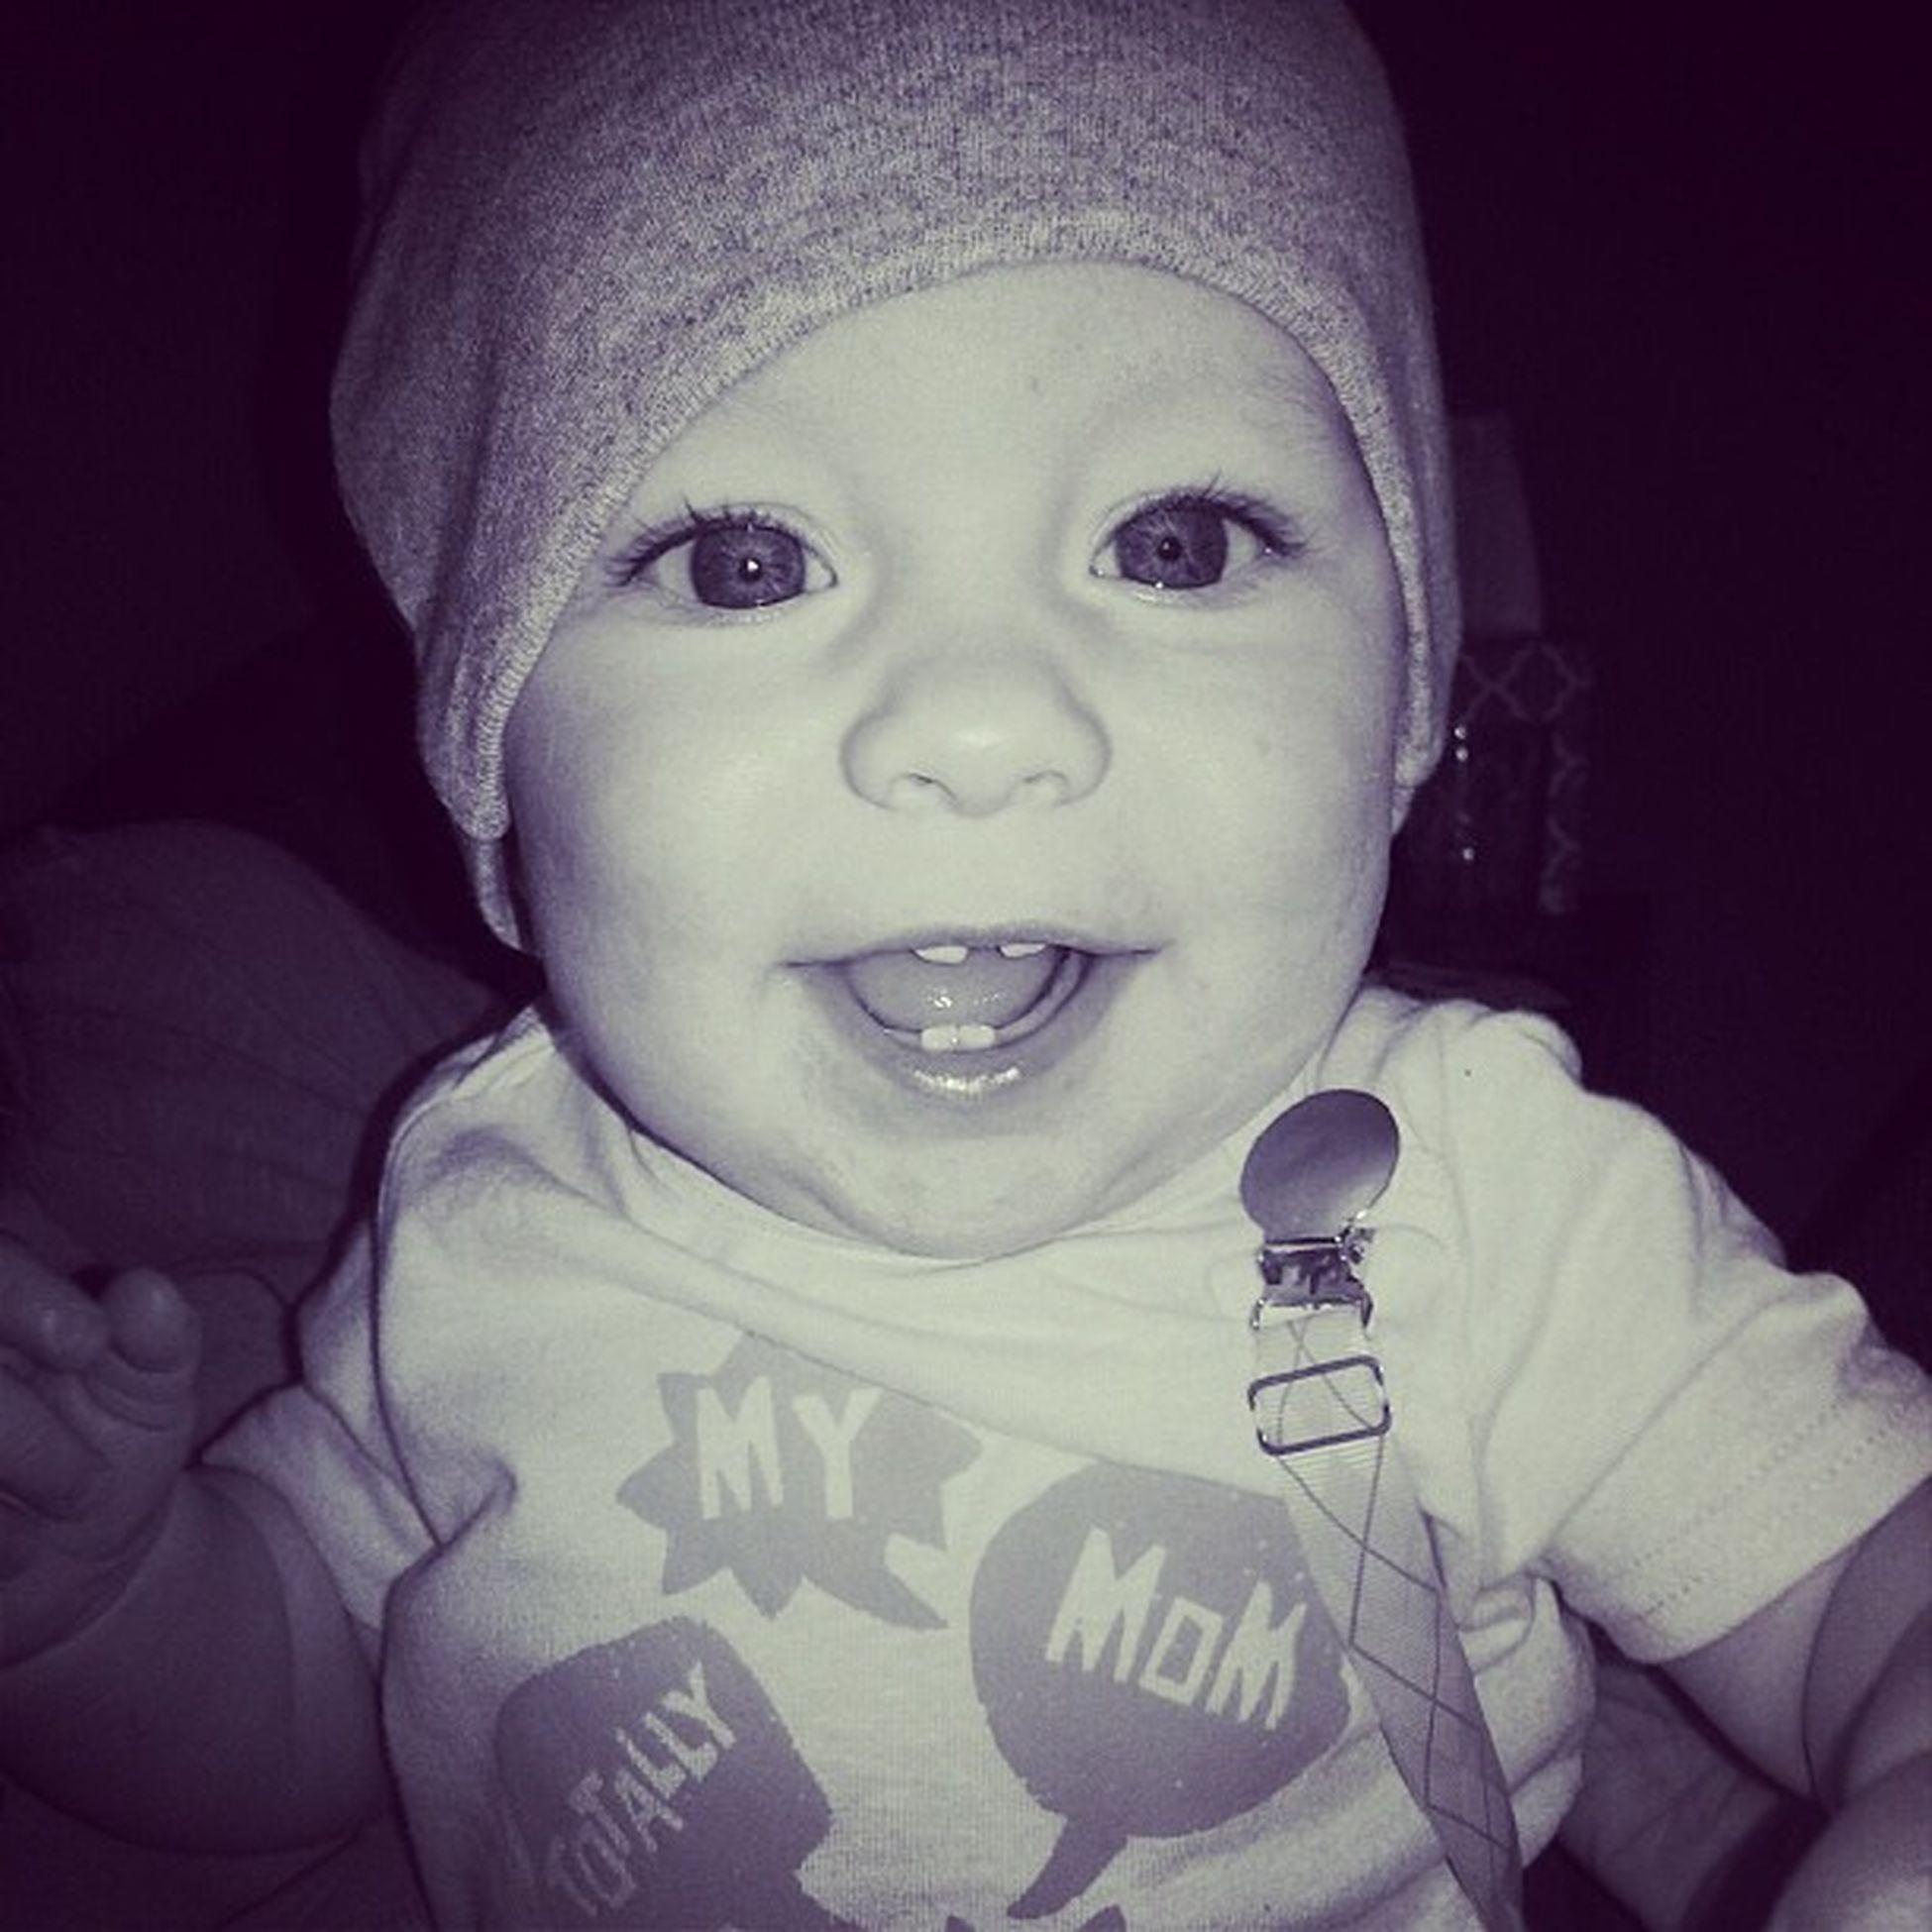 Those teeth! Nephew  Baby Buckteeth